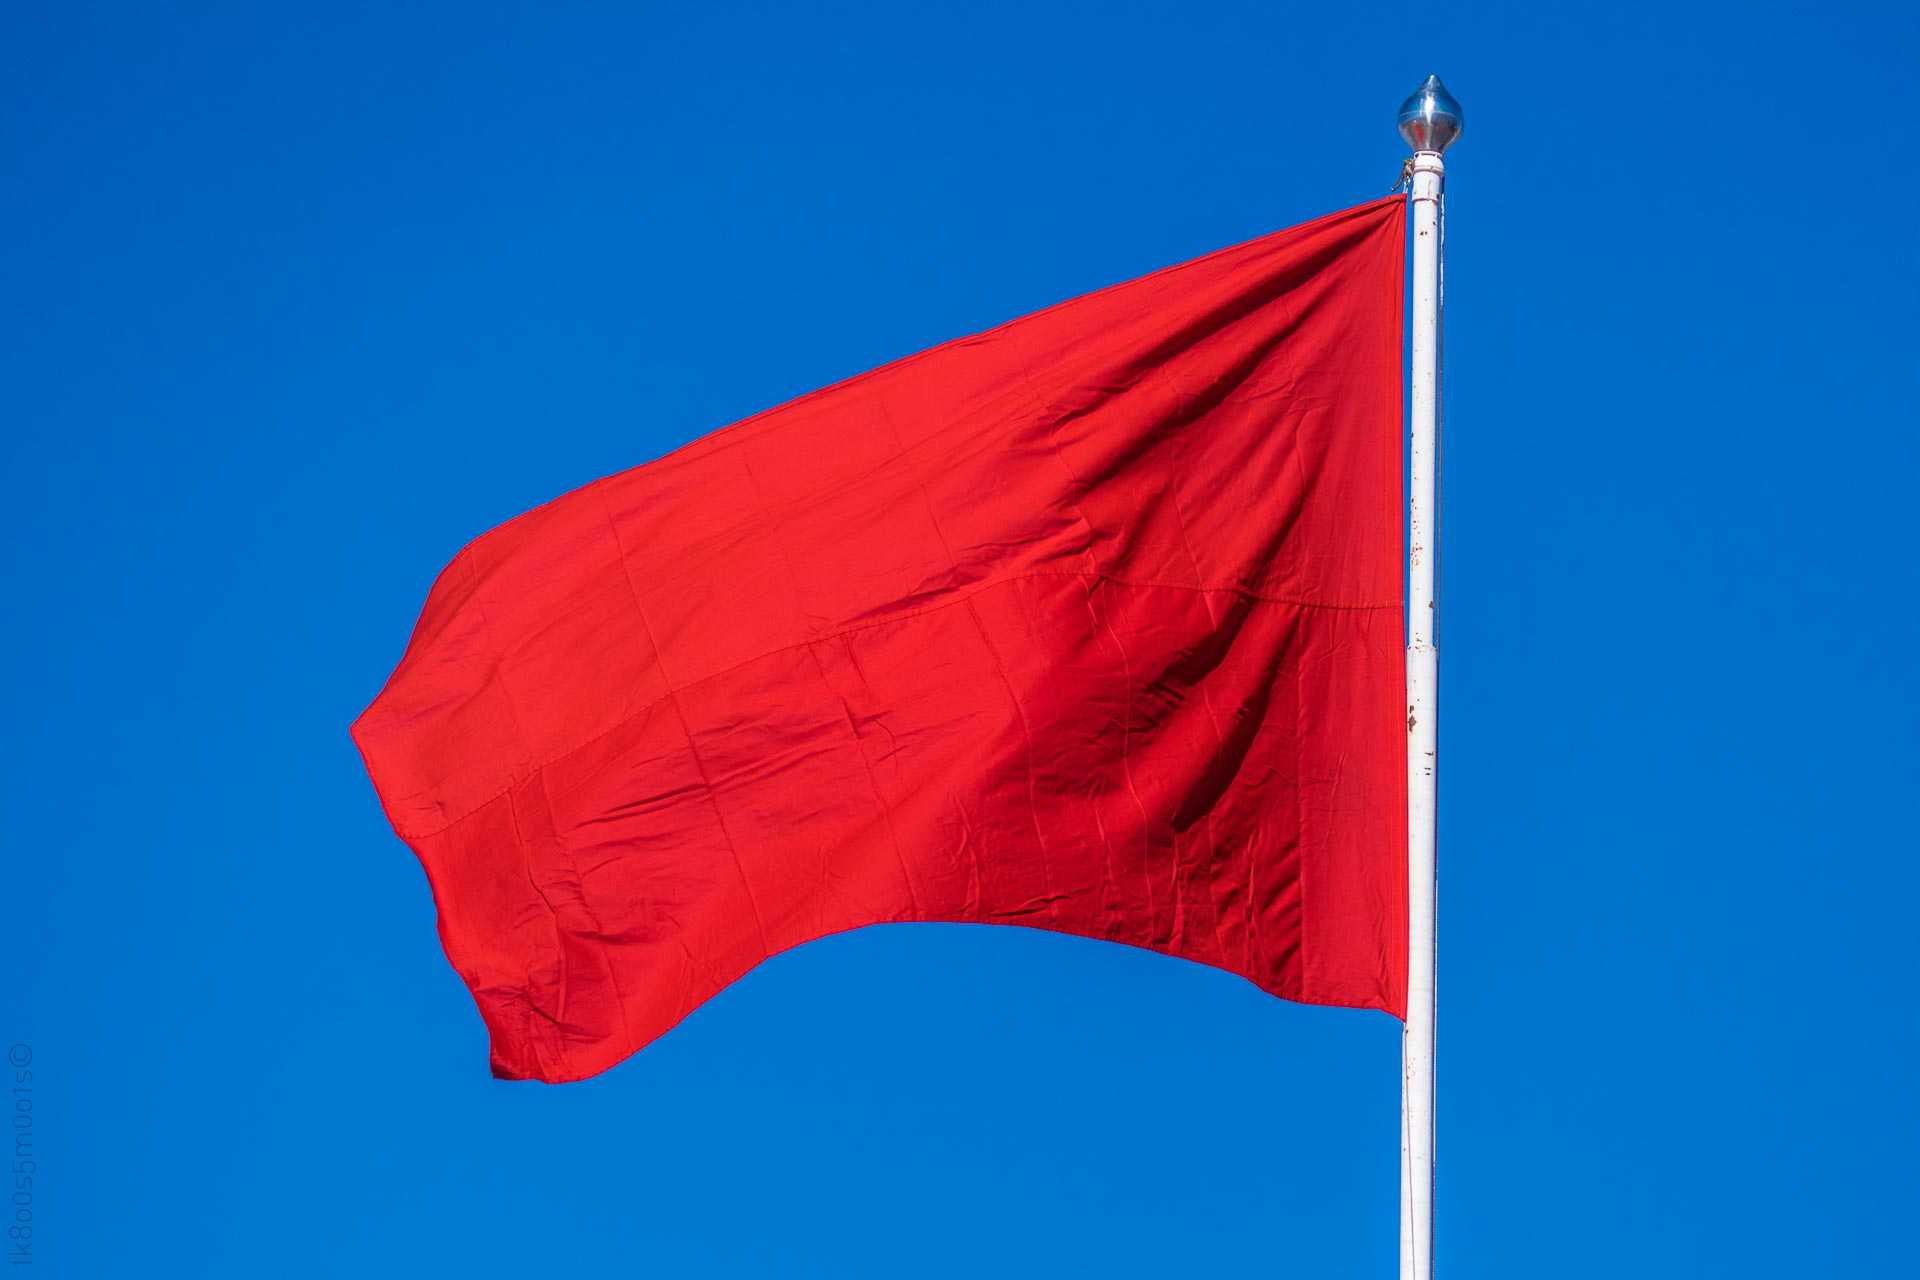 20160501-1390501-CopyrightRobinLund-Rødt-flagg-mot-blå-himmel